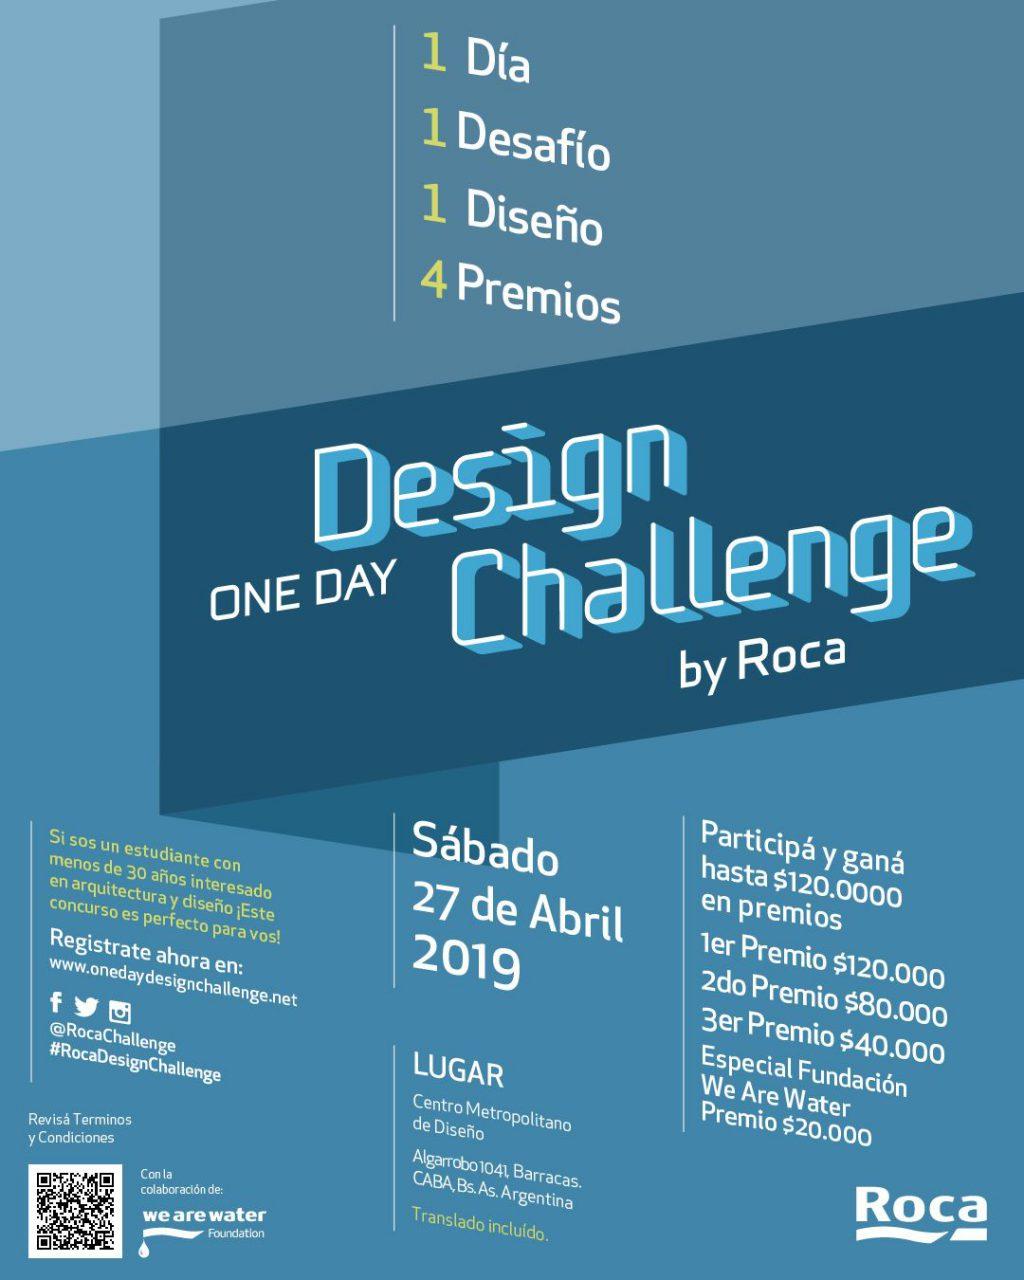 RODDC-01-INSTA.jpg